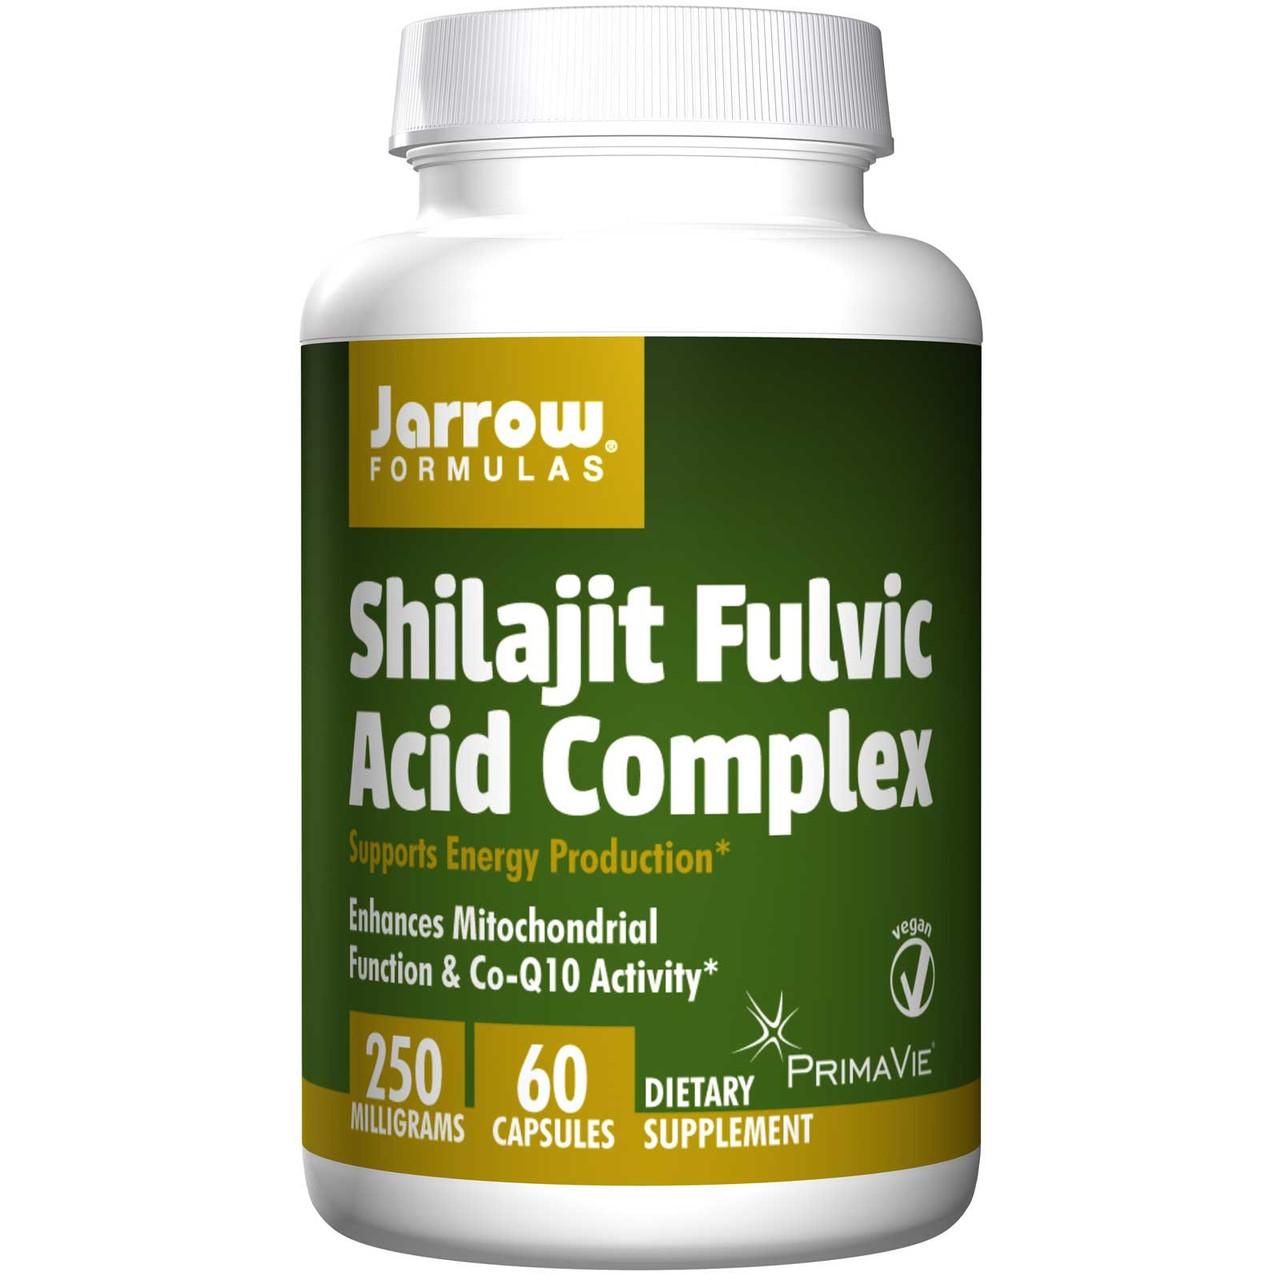 Мумие наивысшей очистки (не менее 60% фульвокислот) Prima Vie, Jarrow Formulas, 250 мг, 60 капсул.